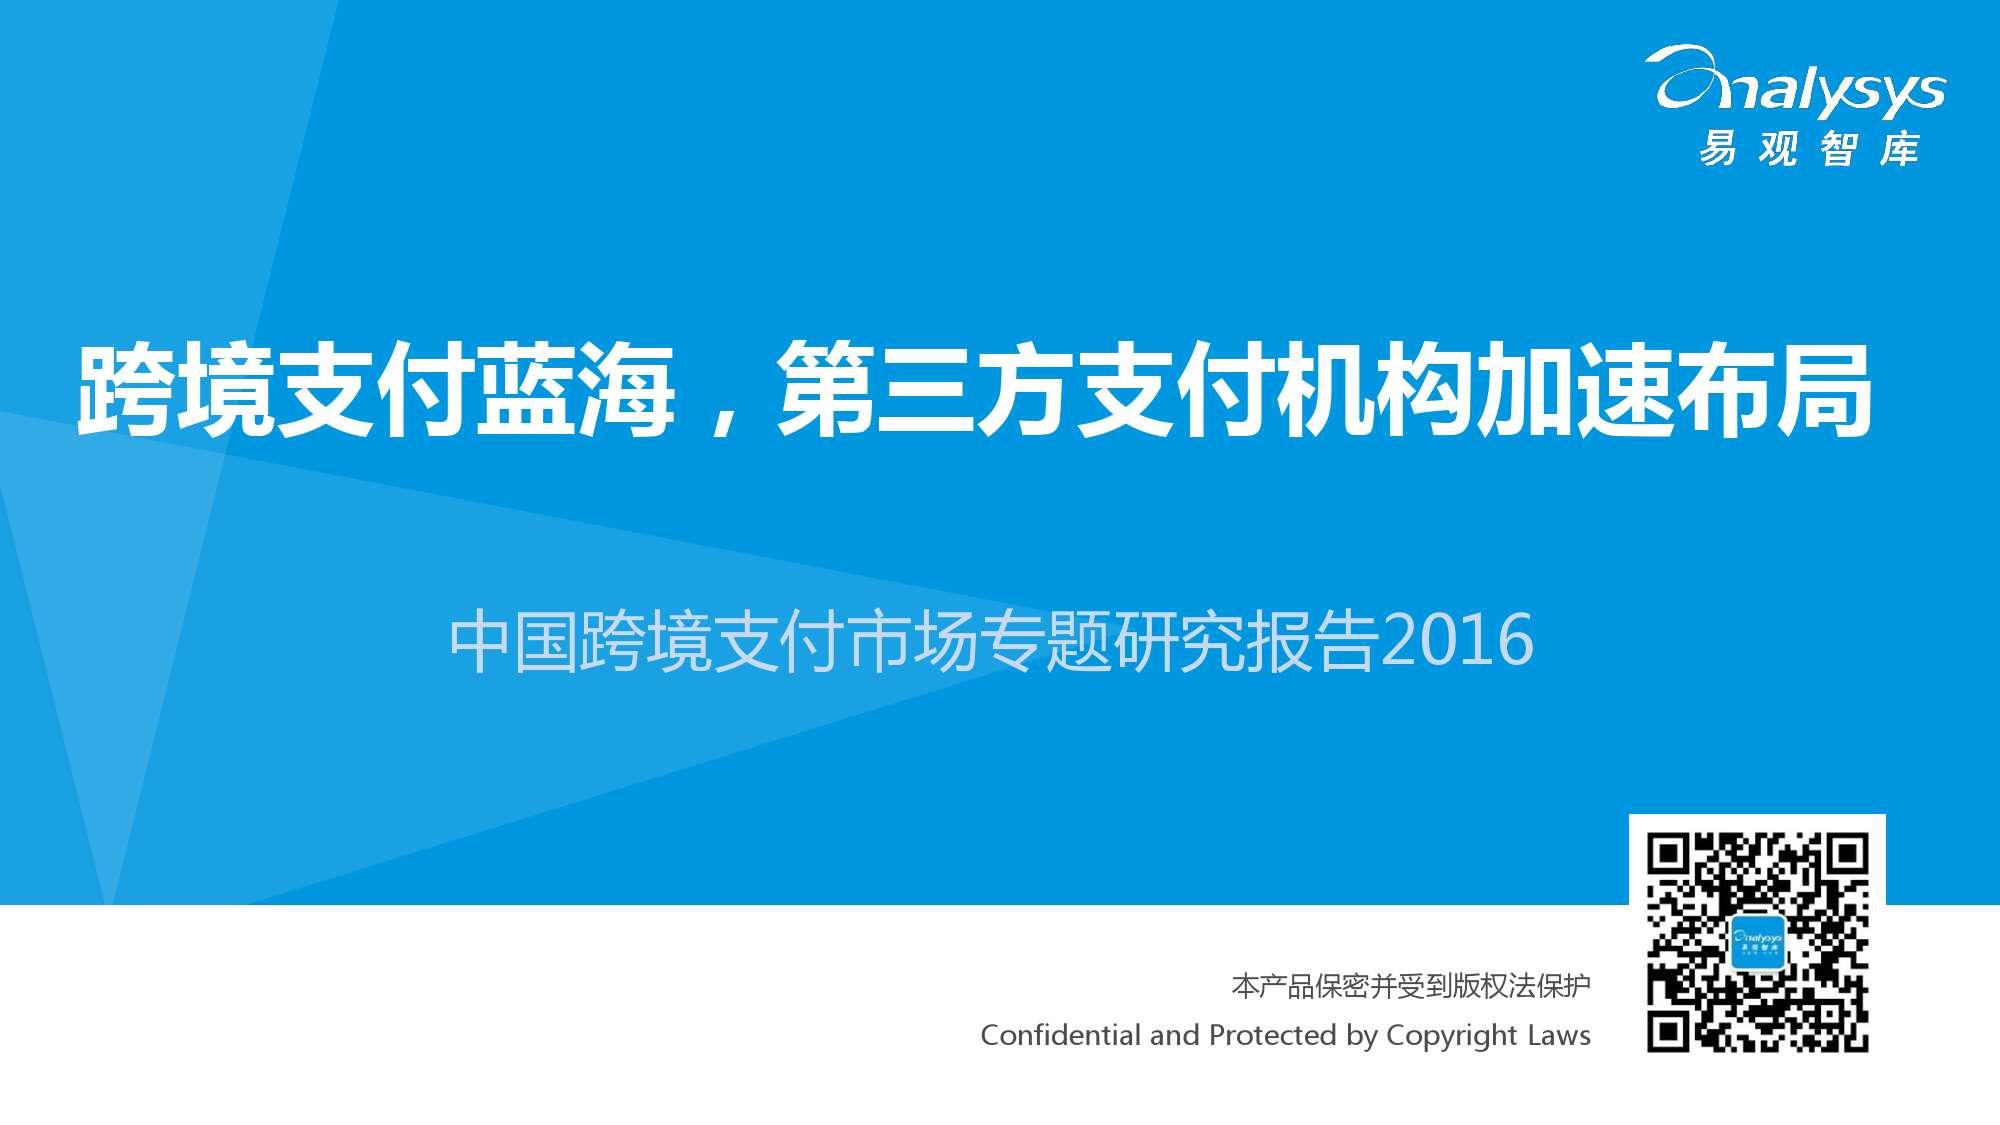 中国跨境支付市场专题研究报告2016_000001